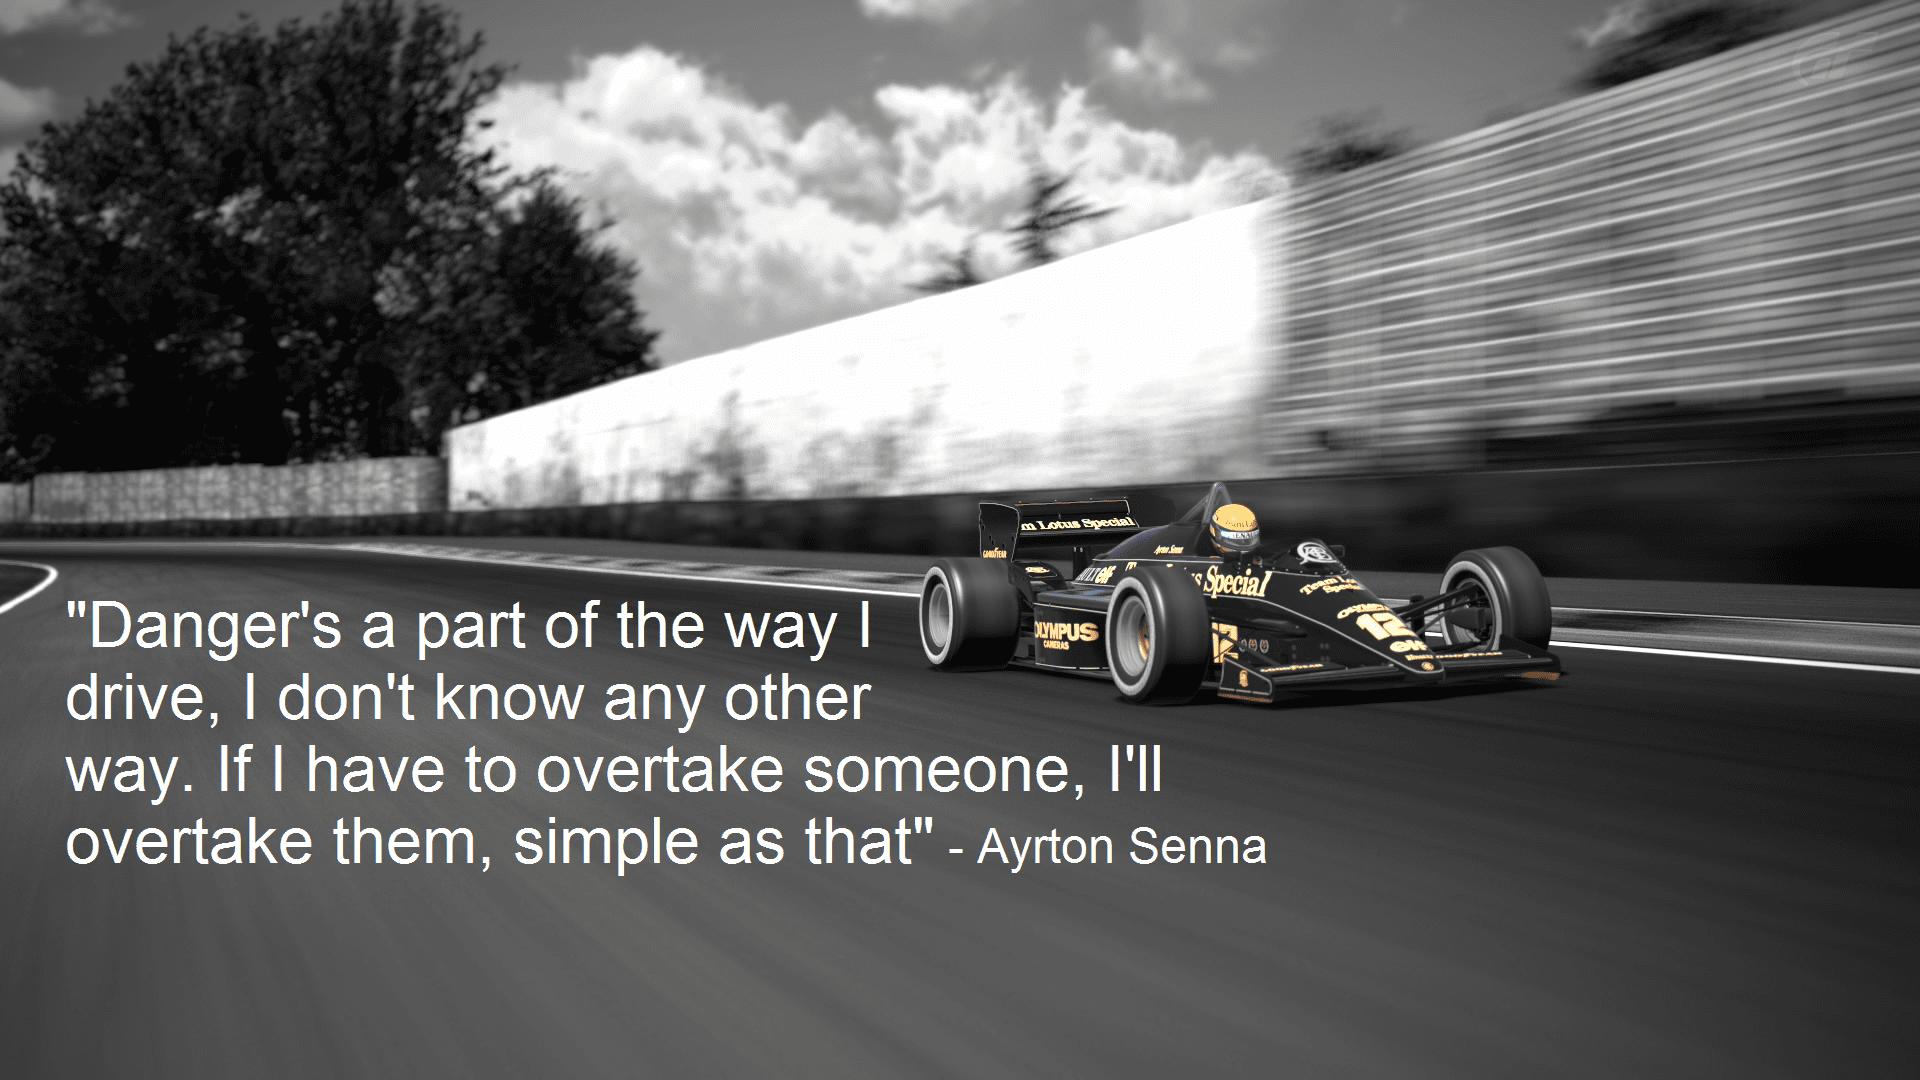 Ayrton Senna Quote 3.png